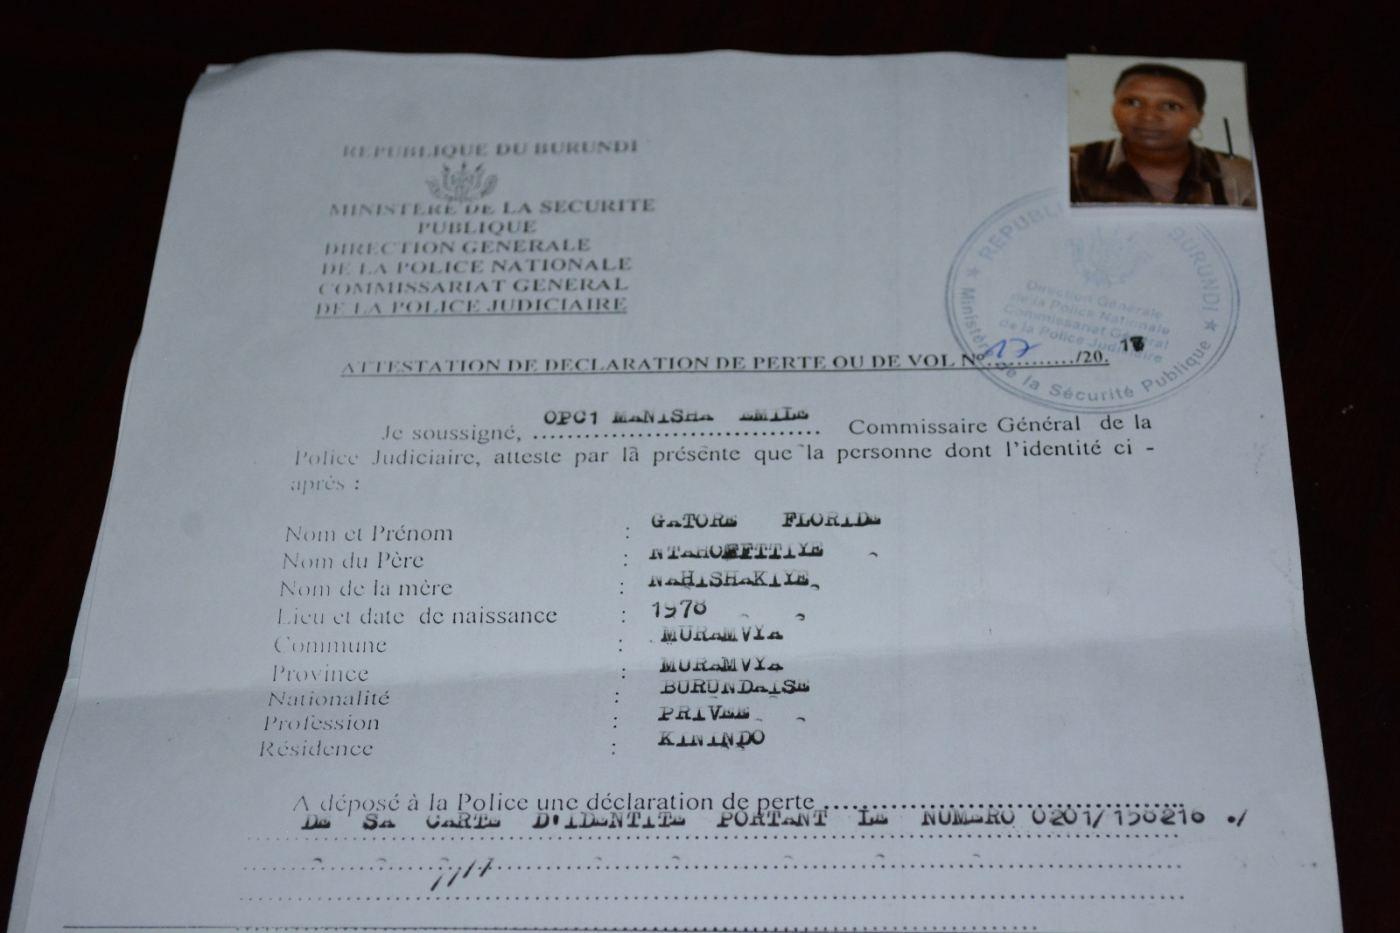 La déclaration de perte des documents de Mme Gatore.